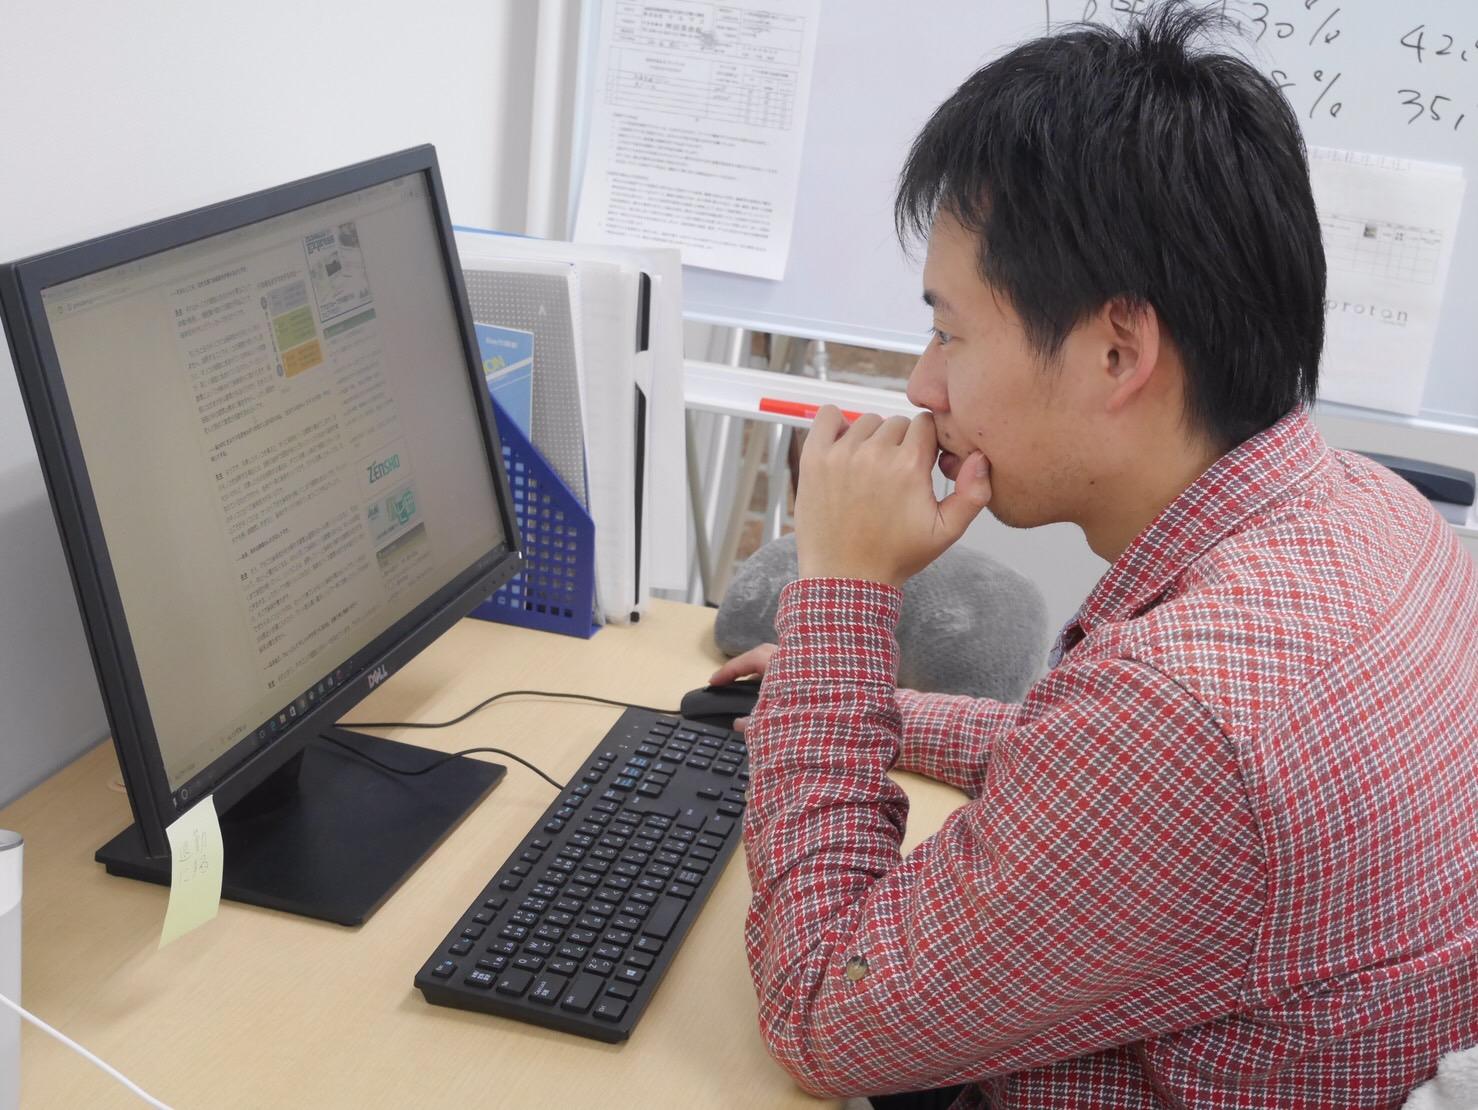 公認会計士試験最年少合格者が、デイブレイクでwebマーケッターになった理由